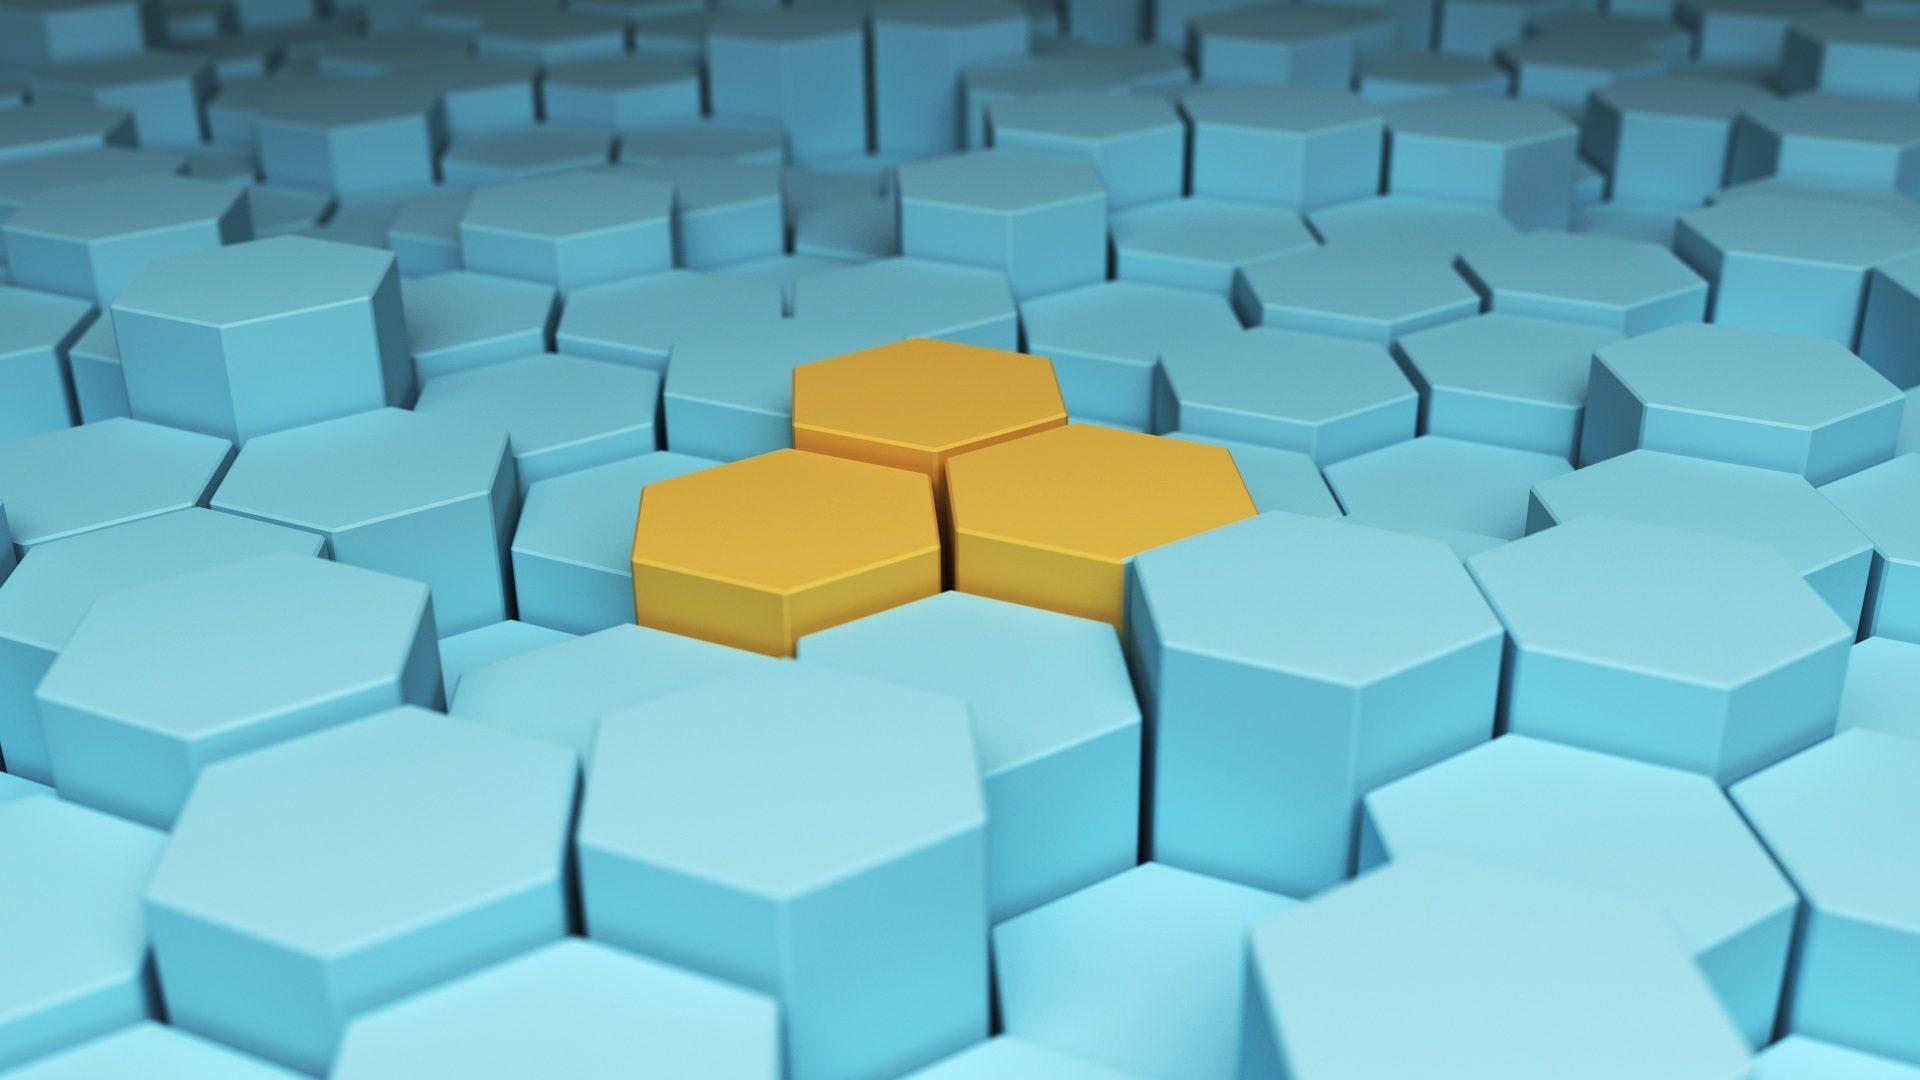 hexagones, distinction, Trio, couleurs, Jaune - Fonds d'écran HD - Professor-falken.com